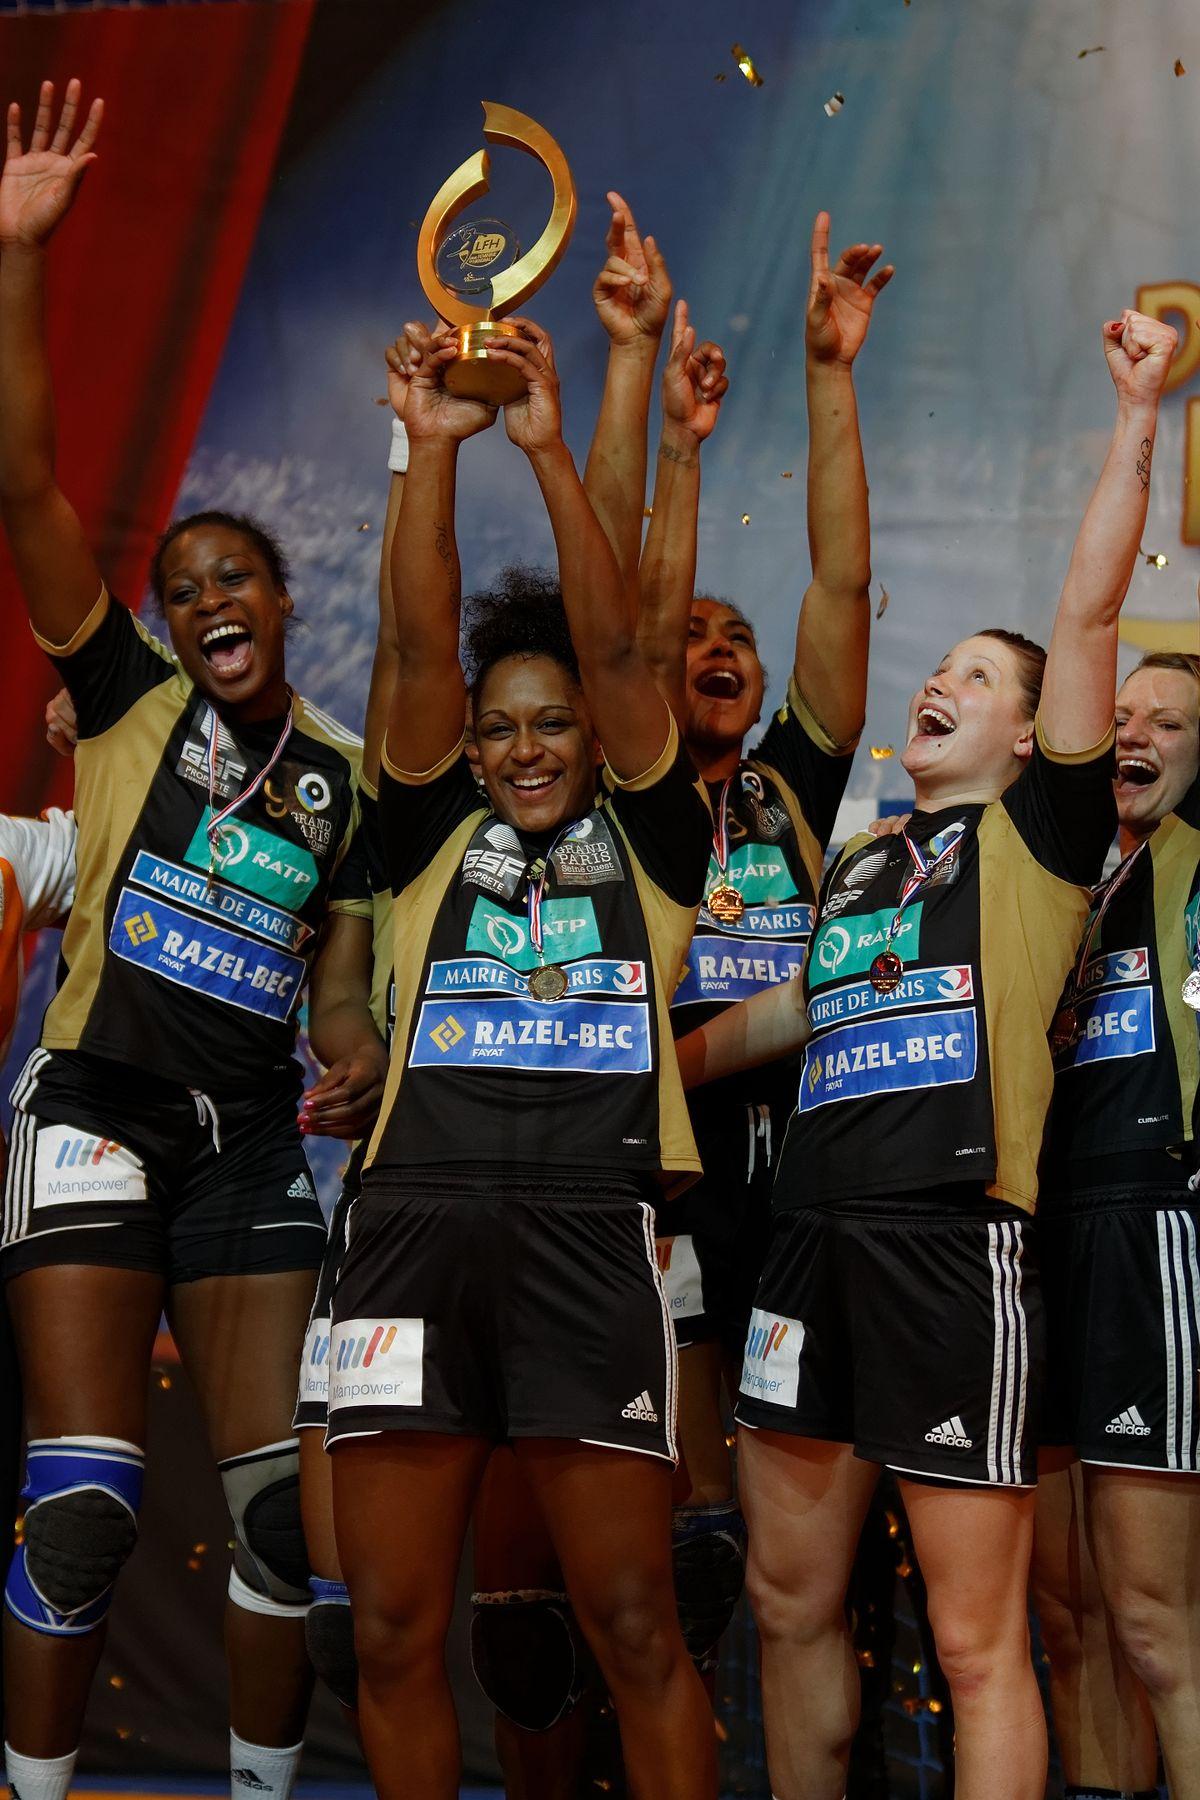 Coupe de la ligue fran aise de handball f minin 2012 2013 wikip dia - Coupe de la ligue 2013 2014 ...